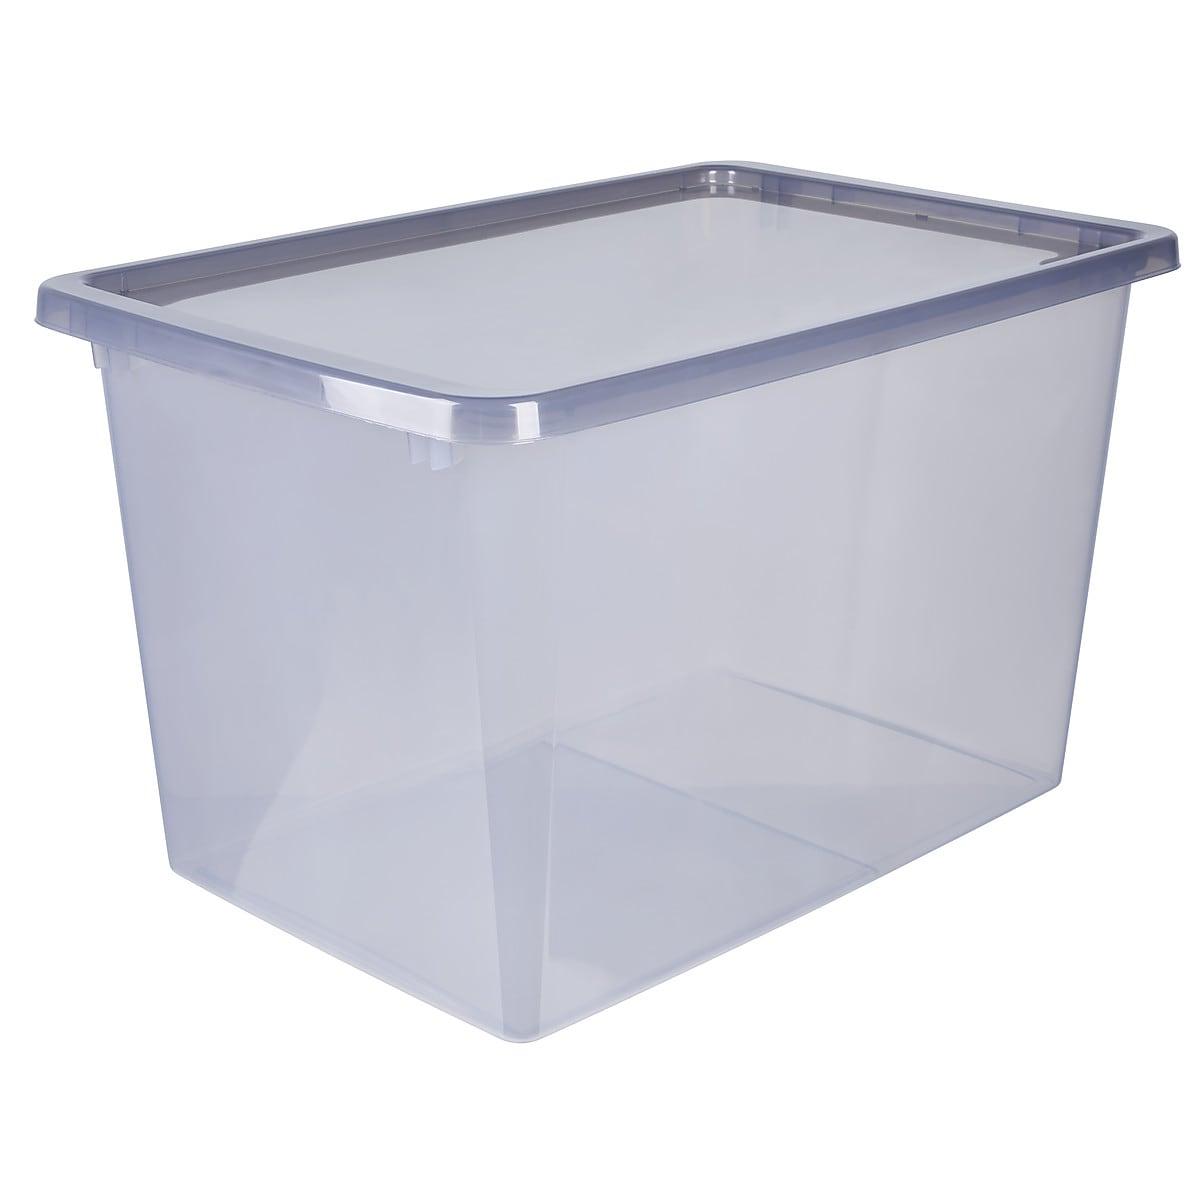 Modul oppbevaringsboks